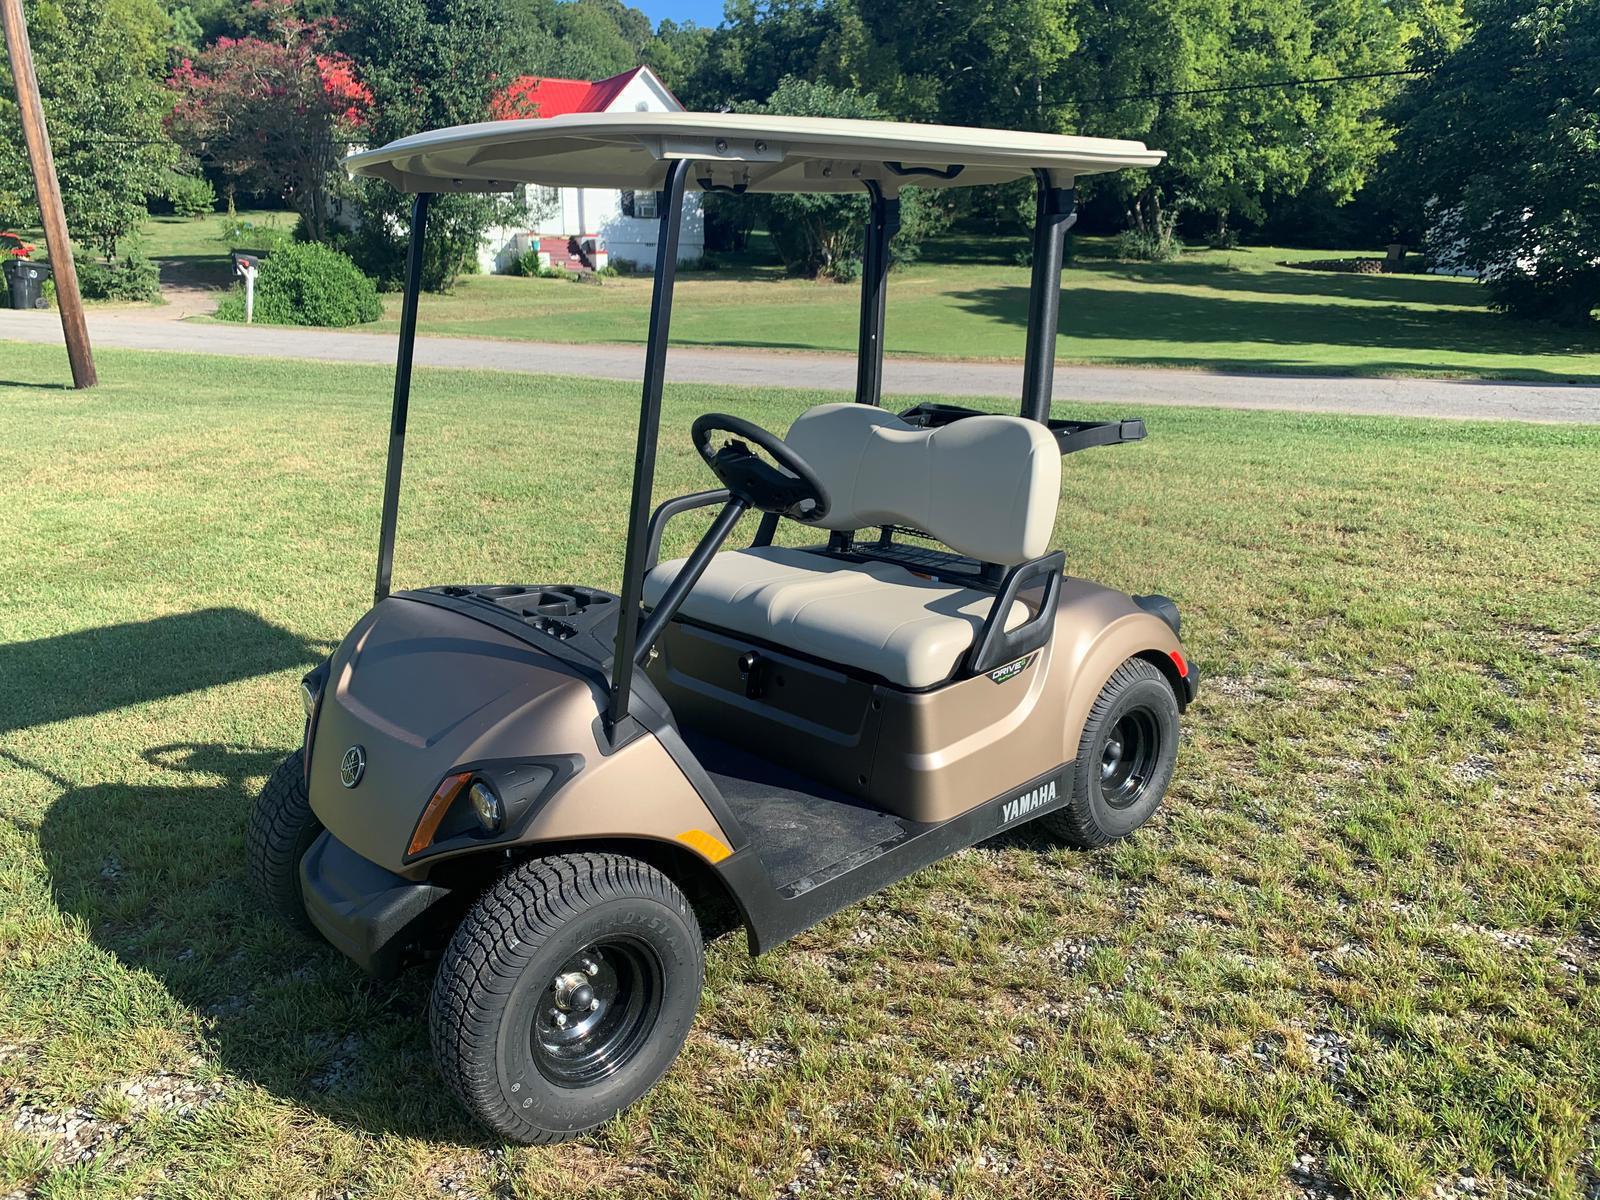 Inventory Gadsden Golf Carts Gadsden, AL (256) 547-5225